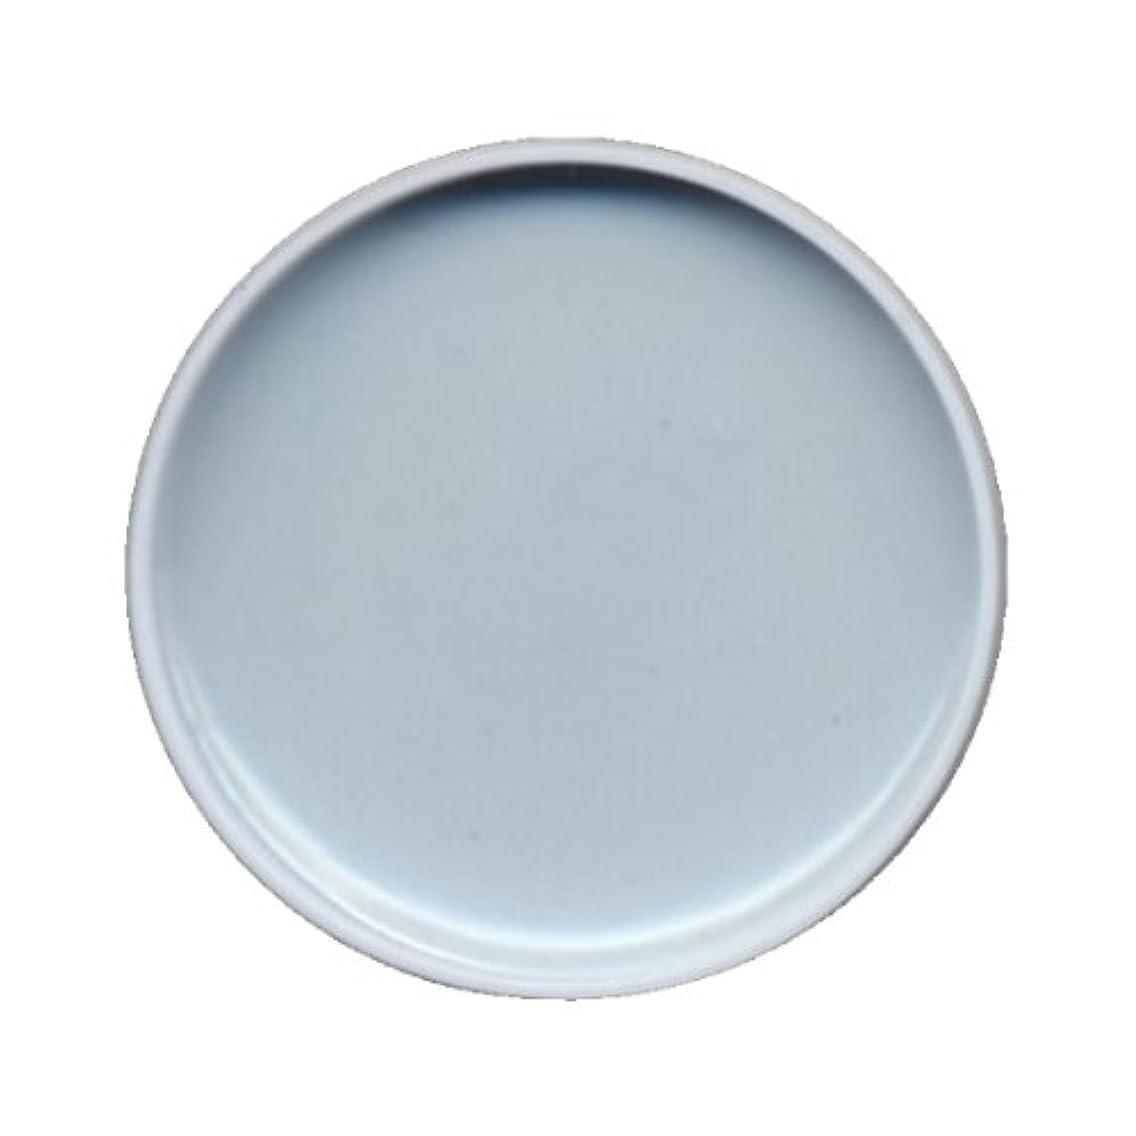 氏シソーラス欲望(3 Pack) mehron Color Cups Face and Body Paint - Moonlight White (並行輸入品)